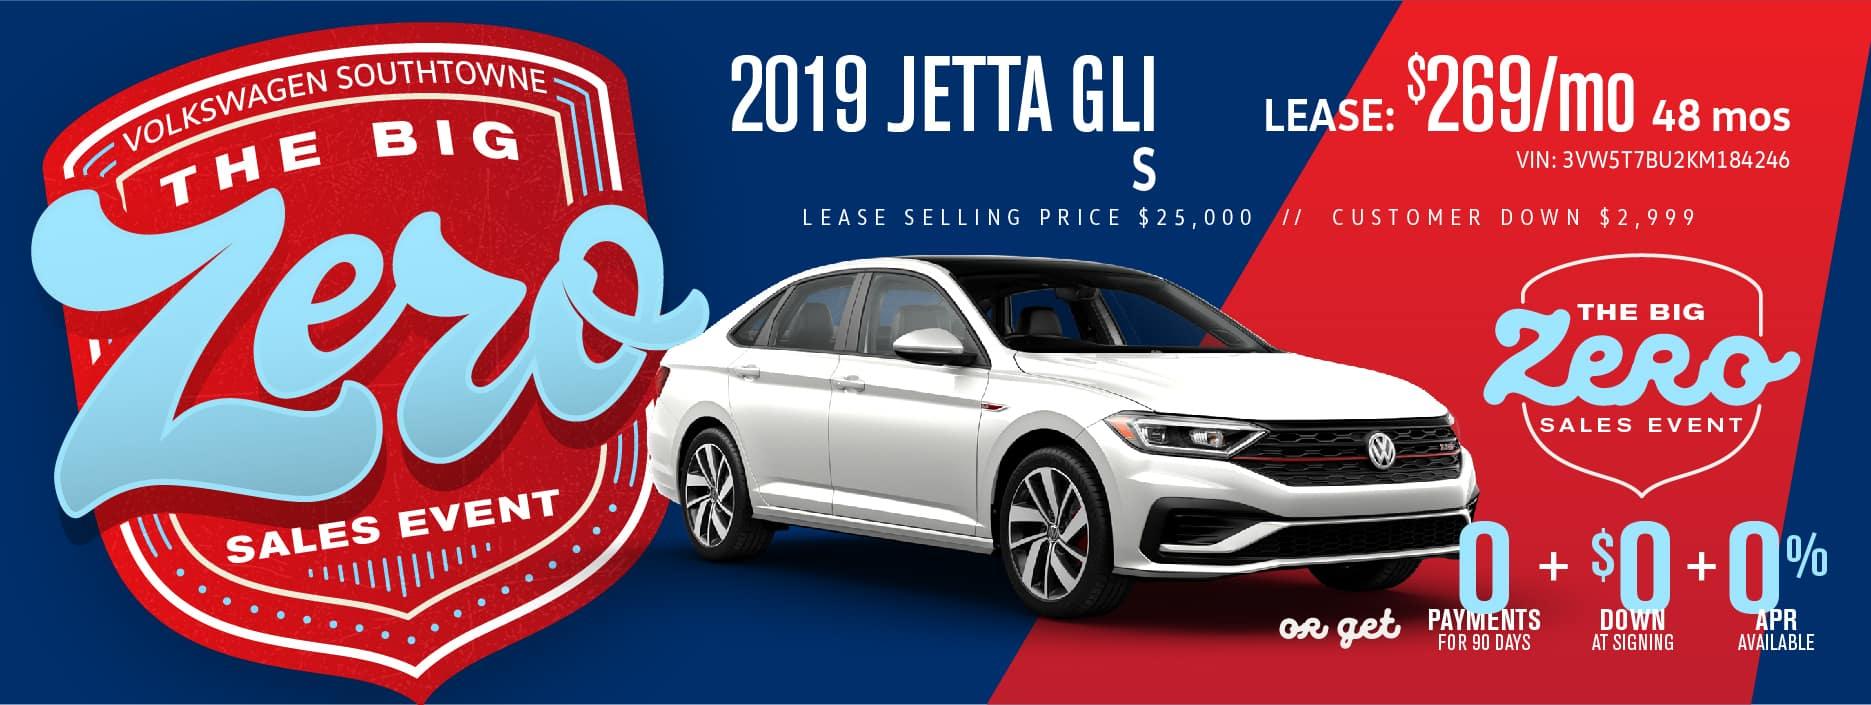 Get a Jetta GLI for $0 down! during our BIG ZERO Sale!